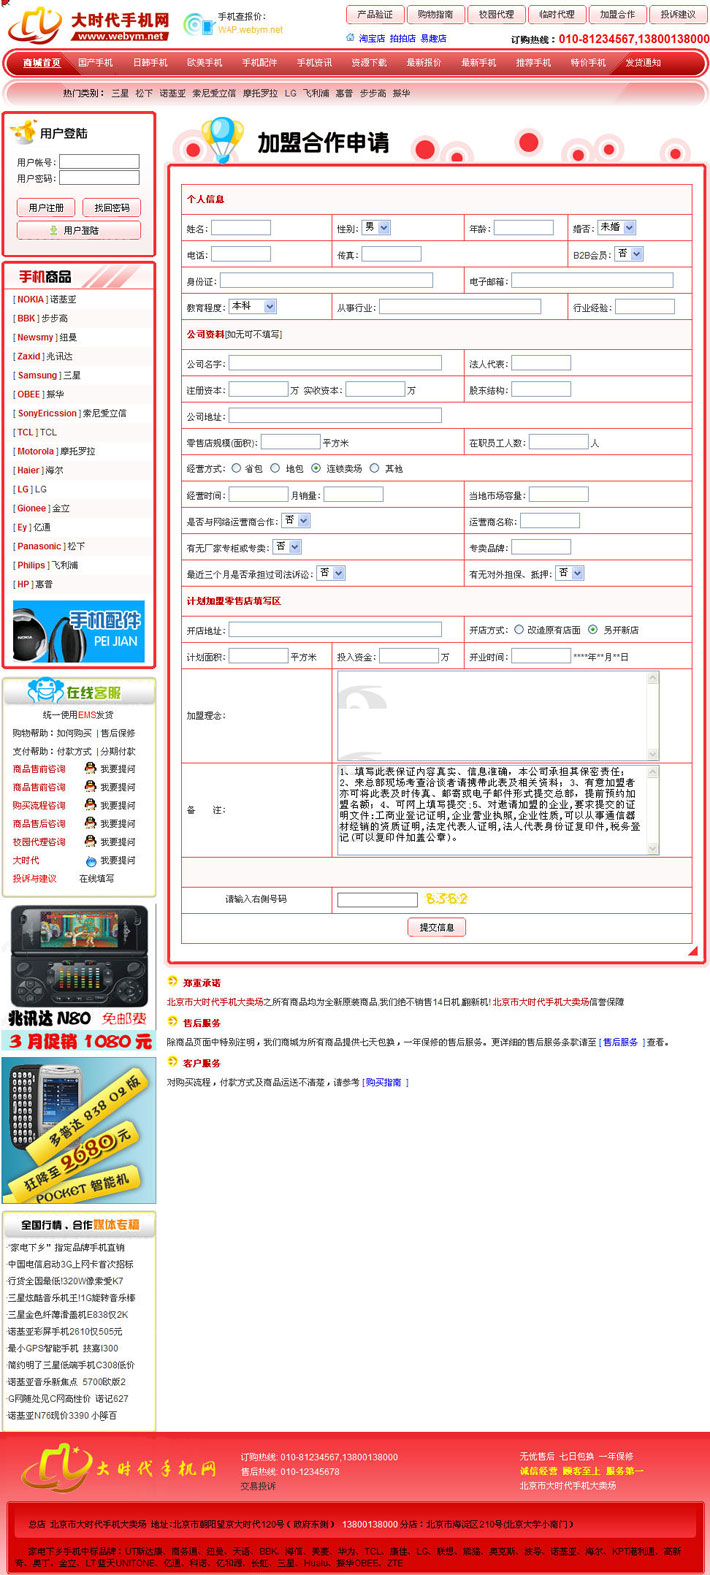 手机专营店网站系统